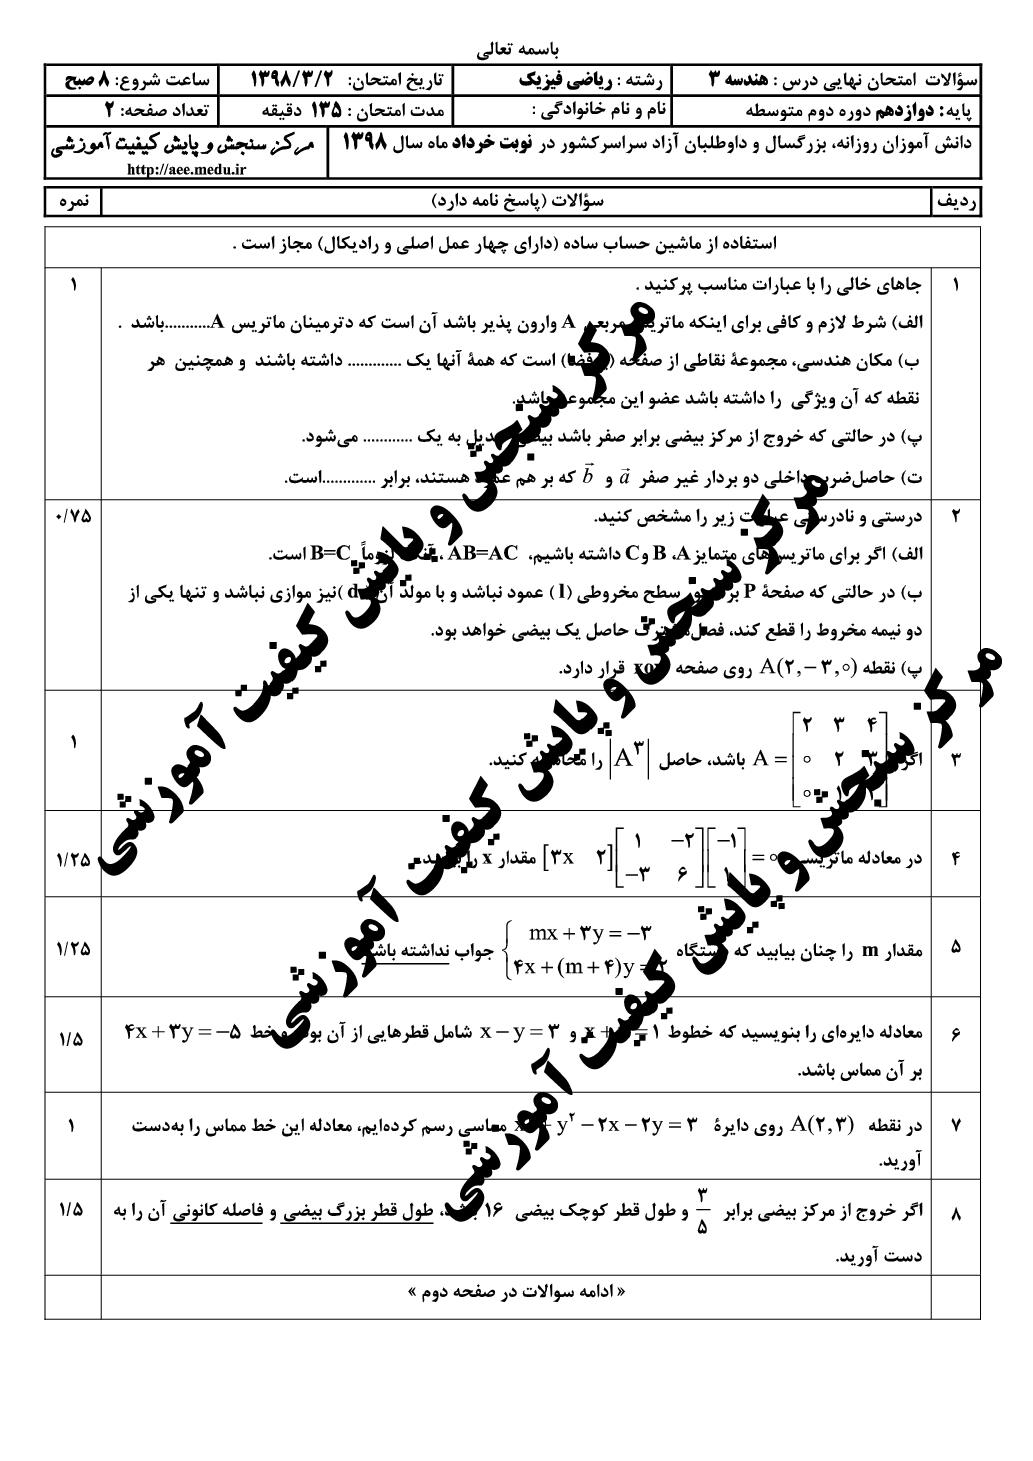 امتحان نهایی هندسه 3 - خرداد 98 (PDF)